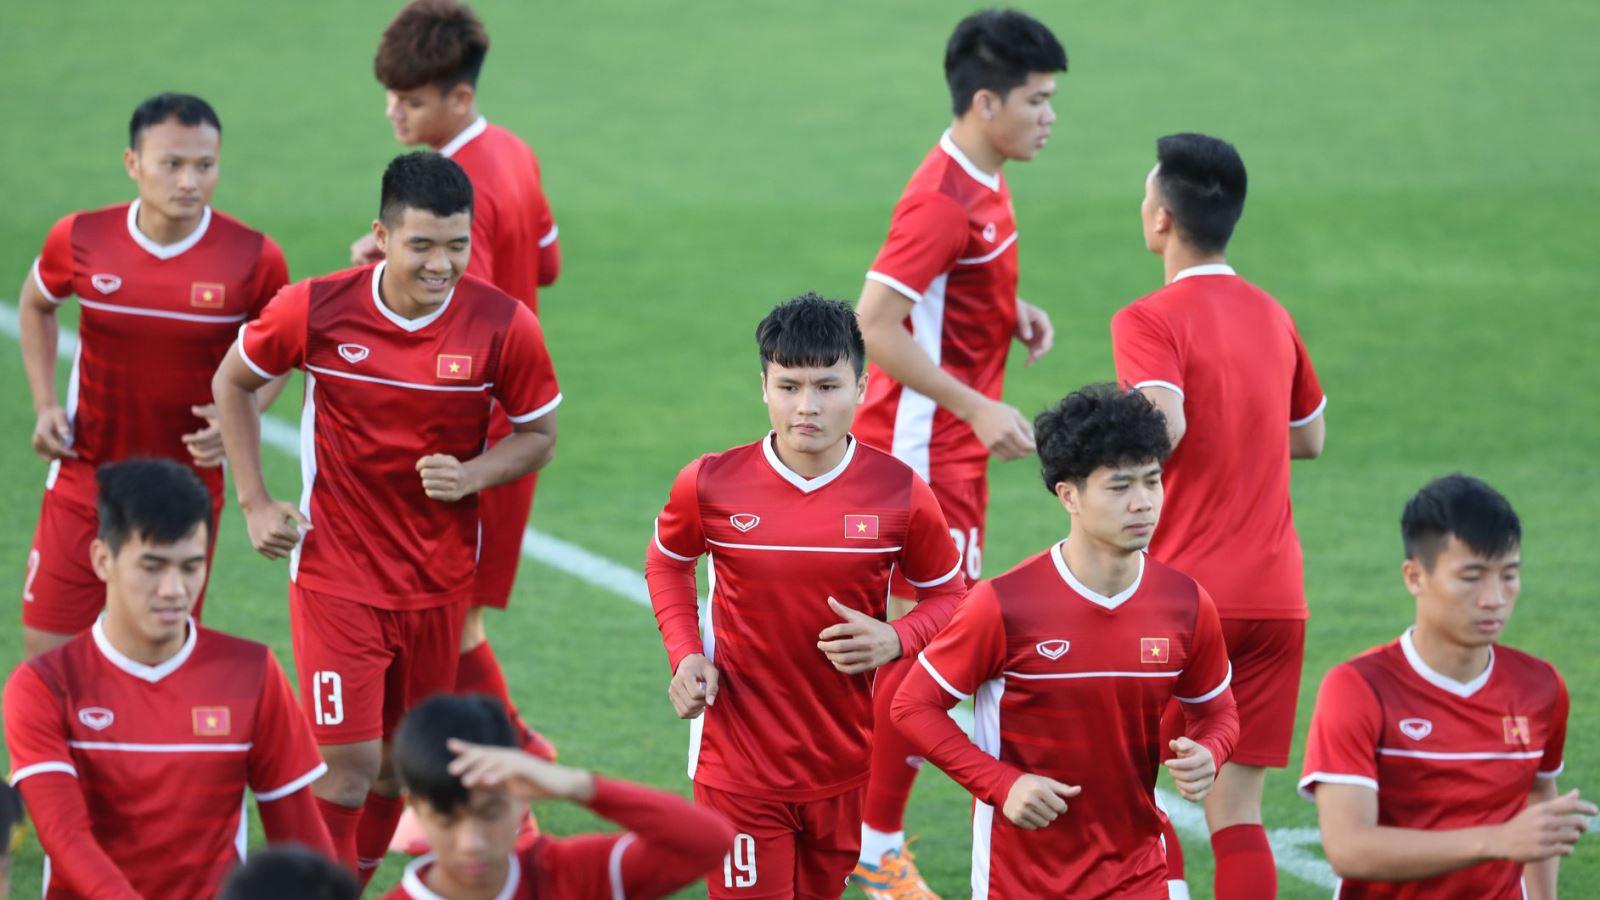 HLV Park Hang Seo: 'Cầu thủ Việt Nam tự tin trước trận gặp Iraq'